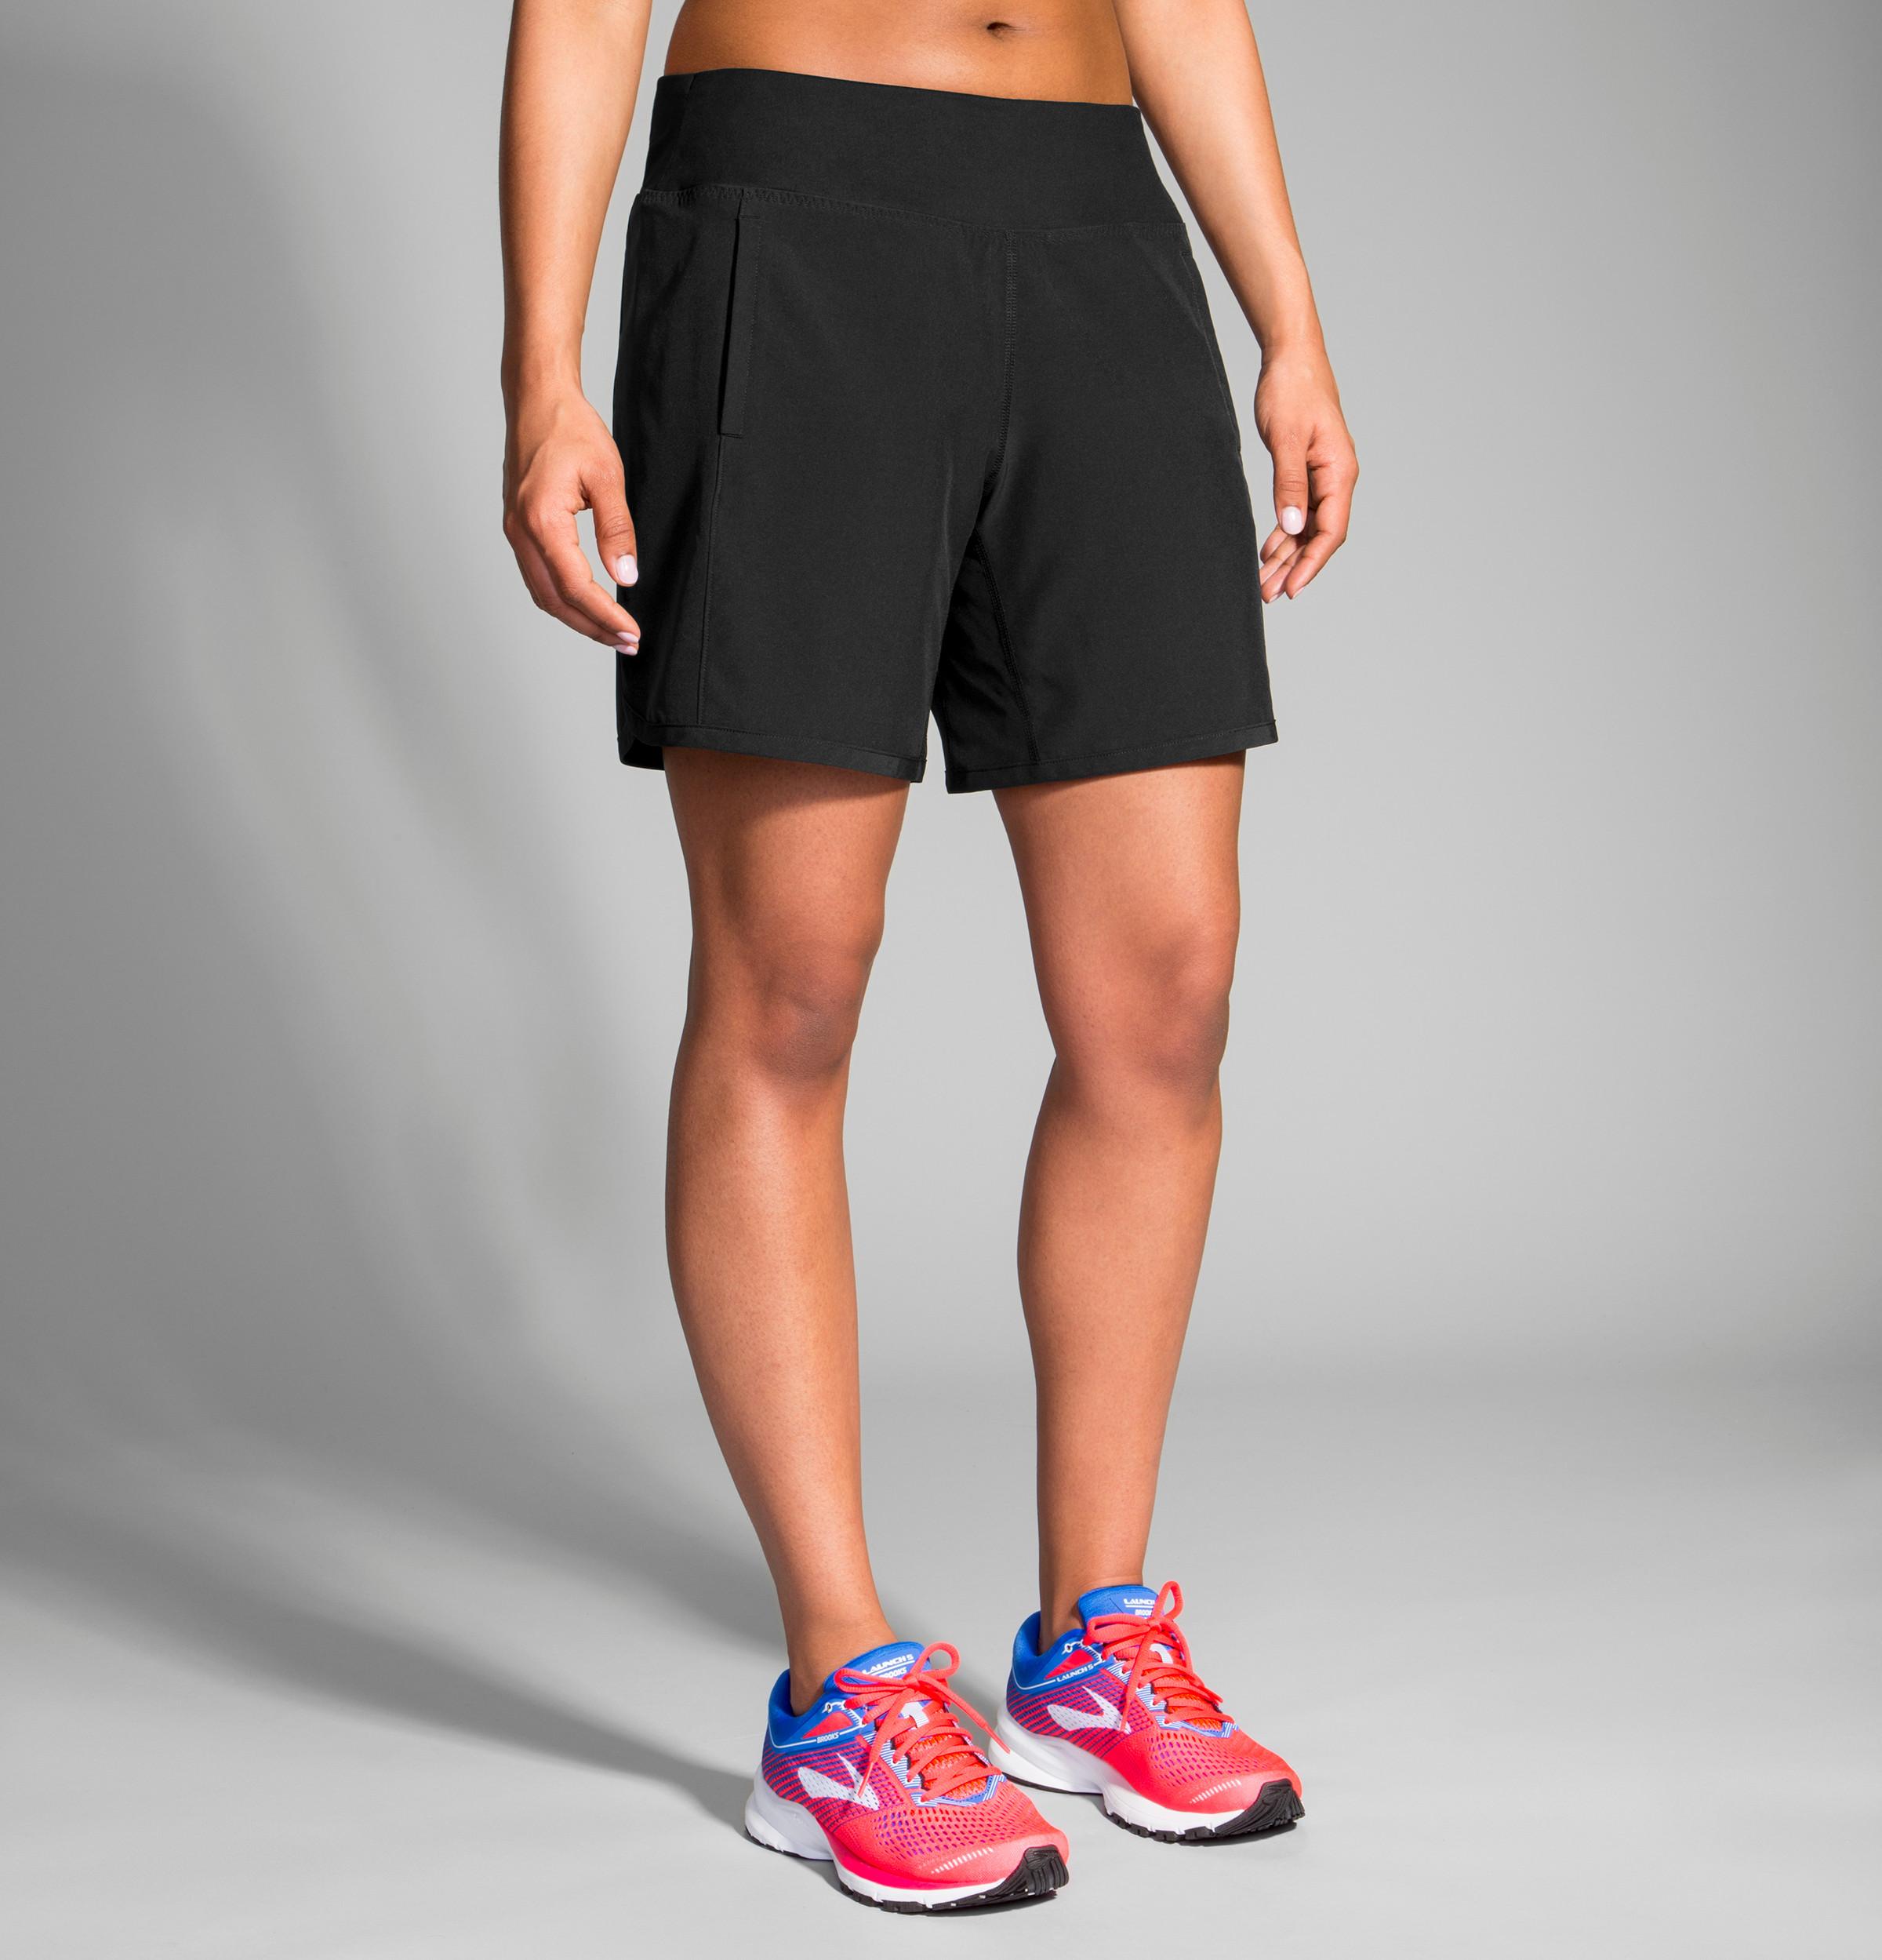 """Women's Brooks Chaser 7"""" Running Shorts, , large, image 2"""